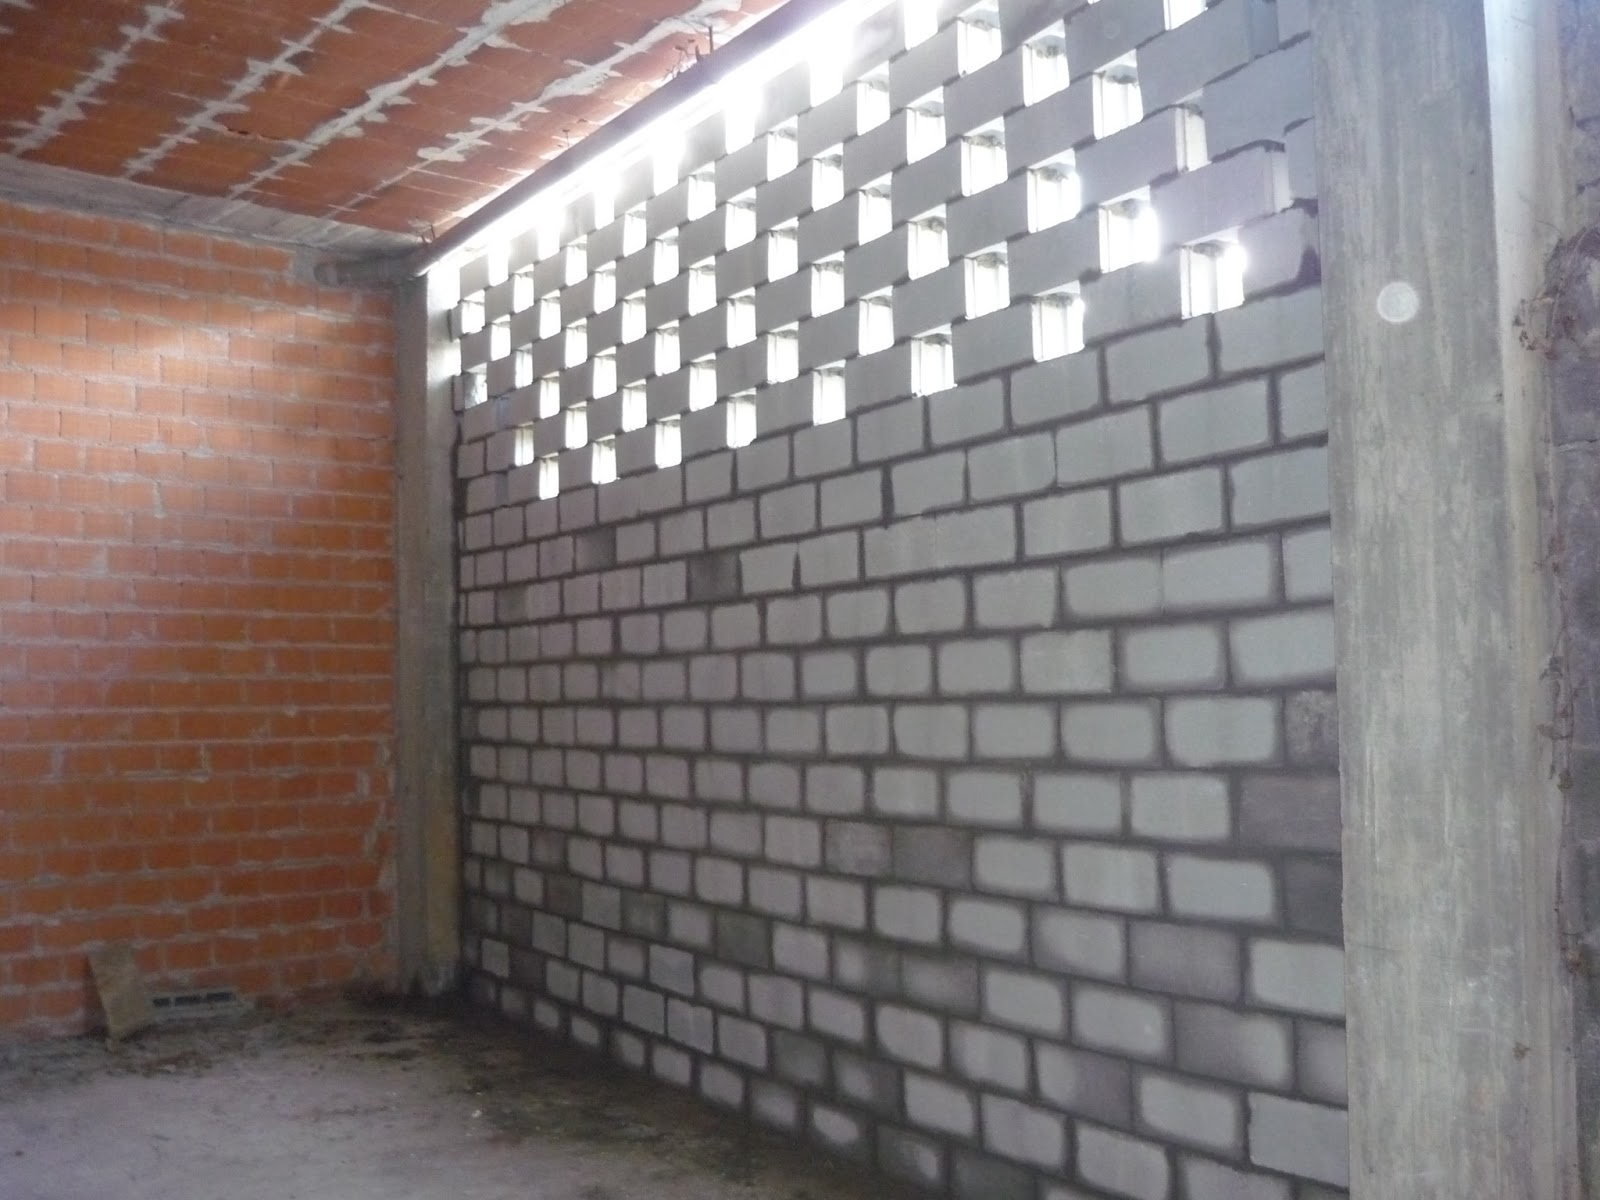 Muro de bloque de hormig n en oleiros a coru a sg - Bloques para muros ...